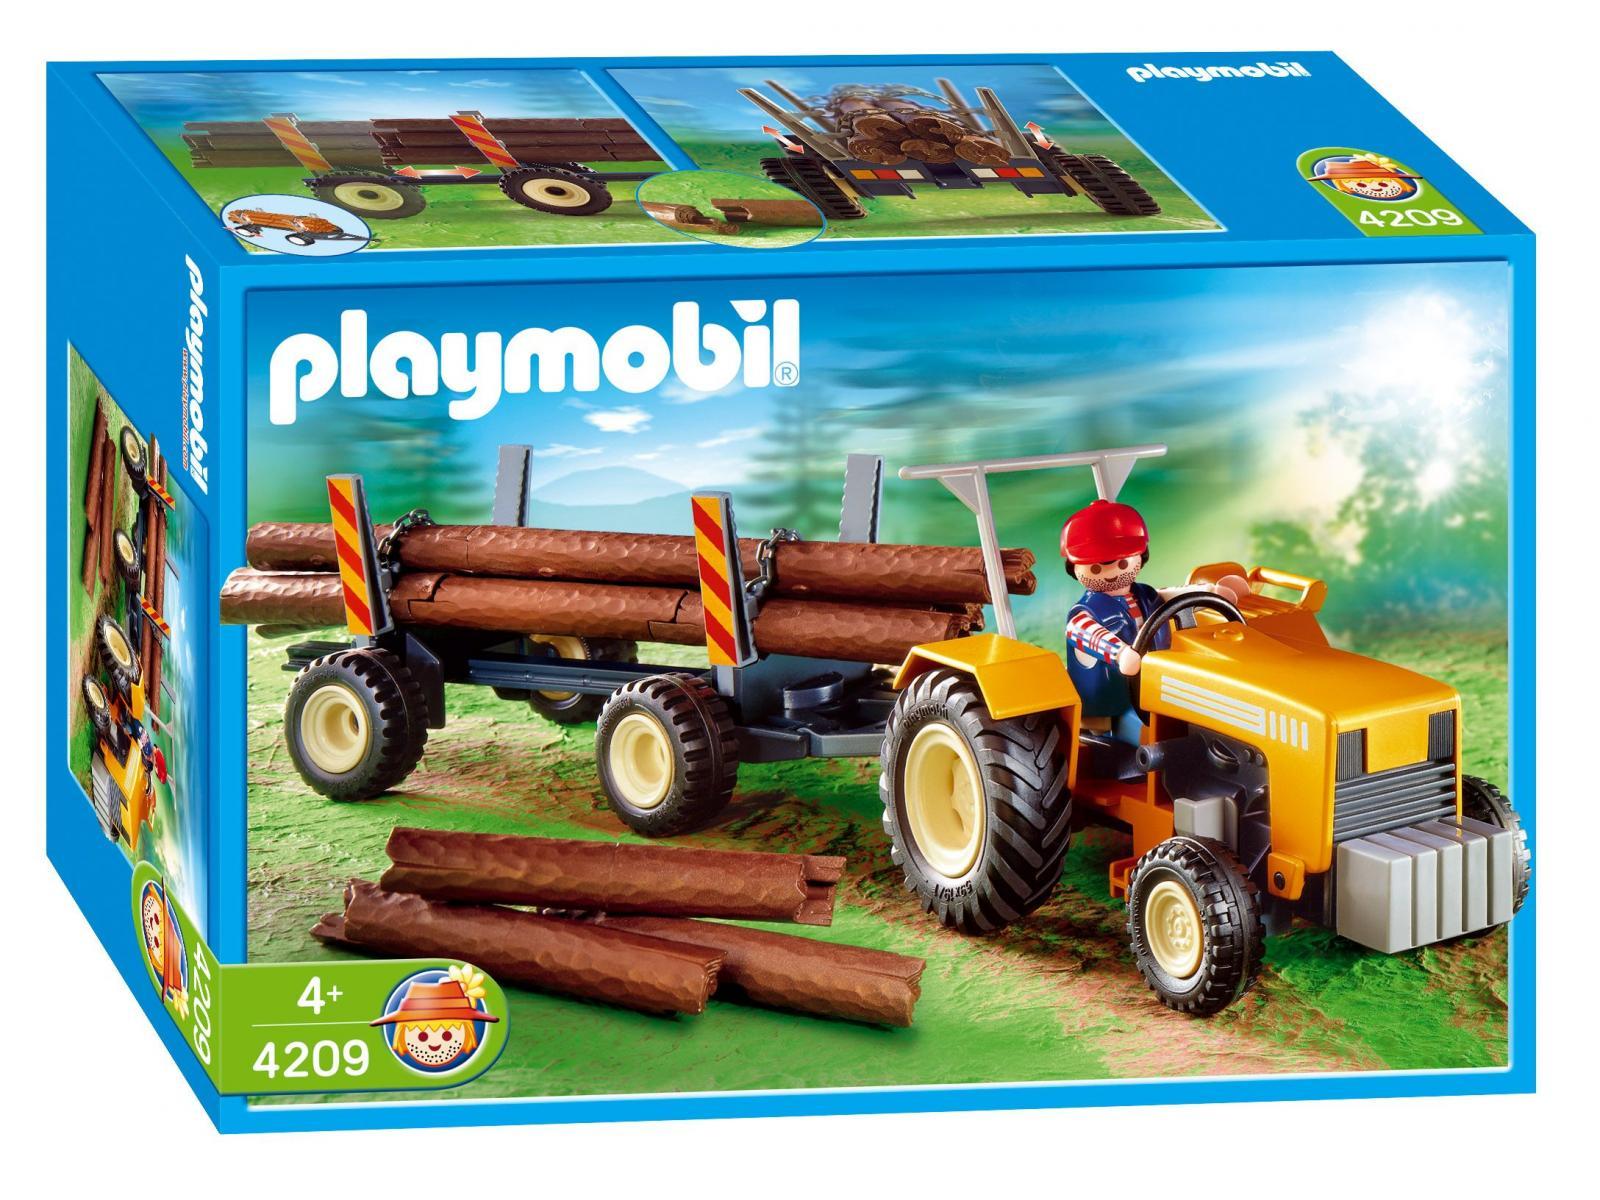 PLAYMOBIL - 4209 - Bûcheron / troncs d'arbres / tracteur